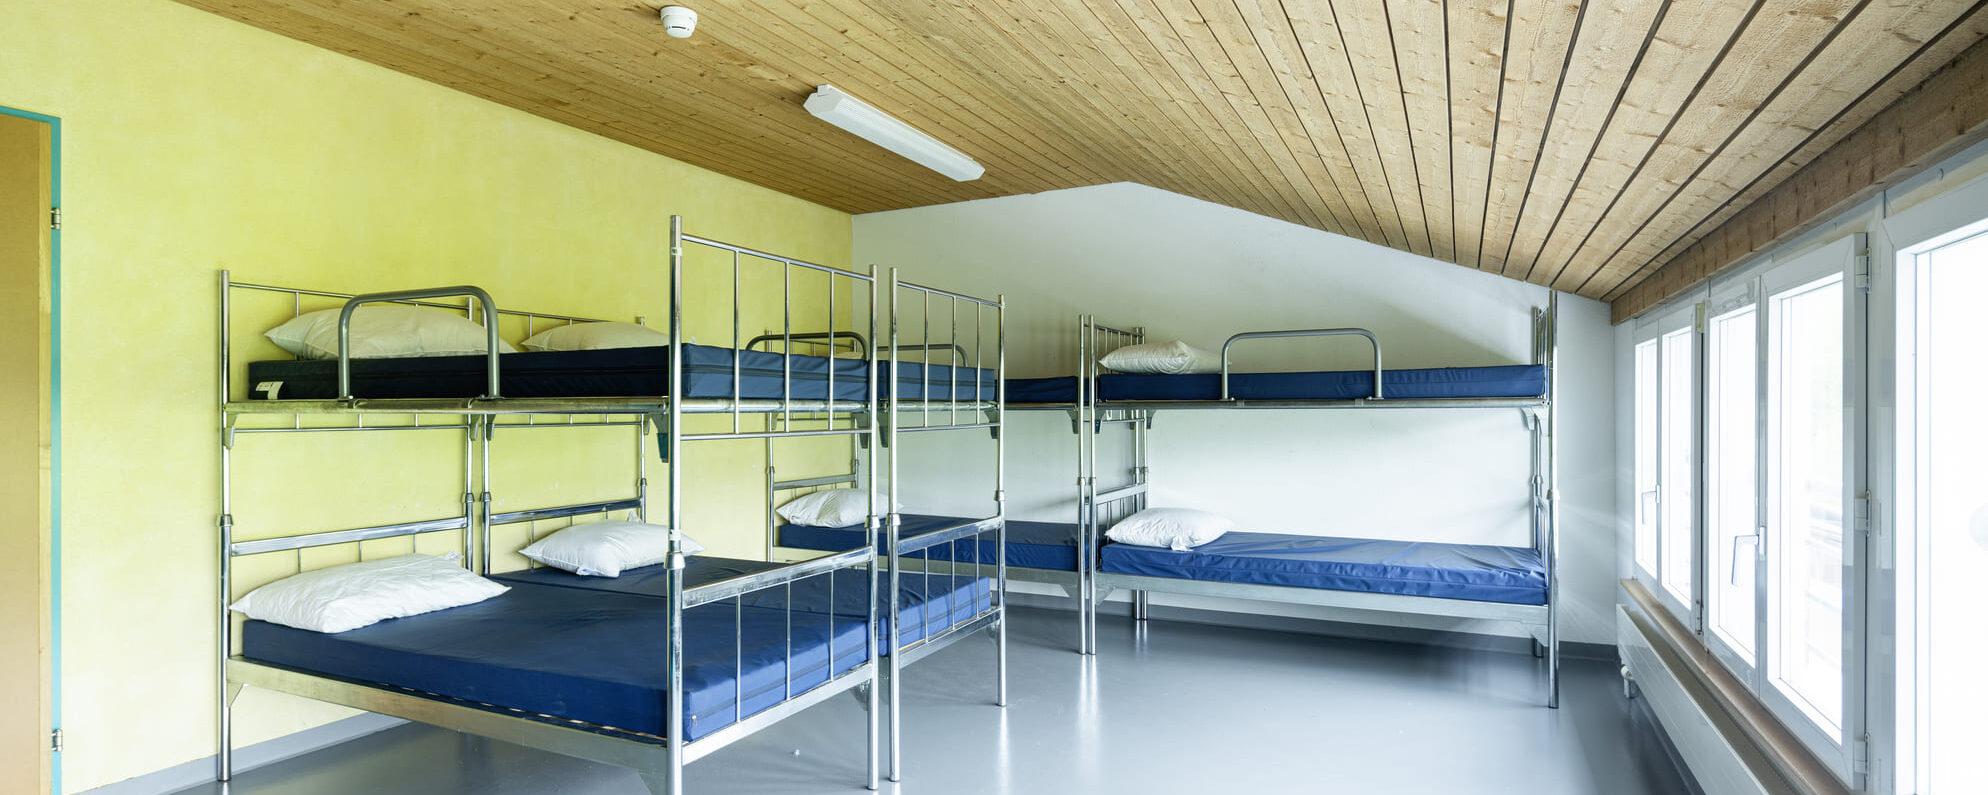 Ferienhaus_Unterkunft_Mitel_Saentis_Zimmer_9